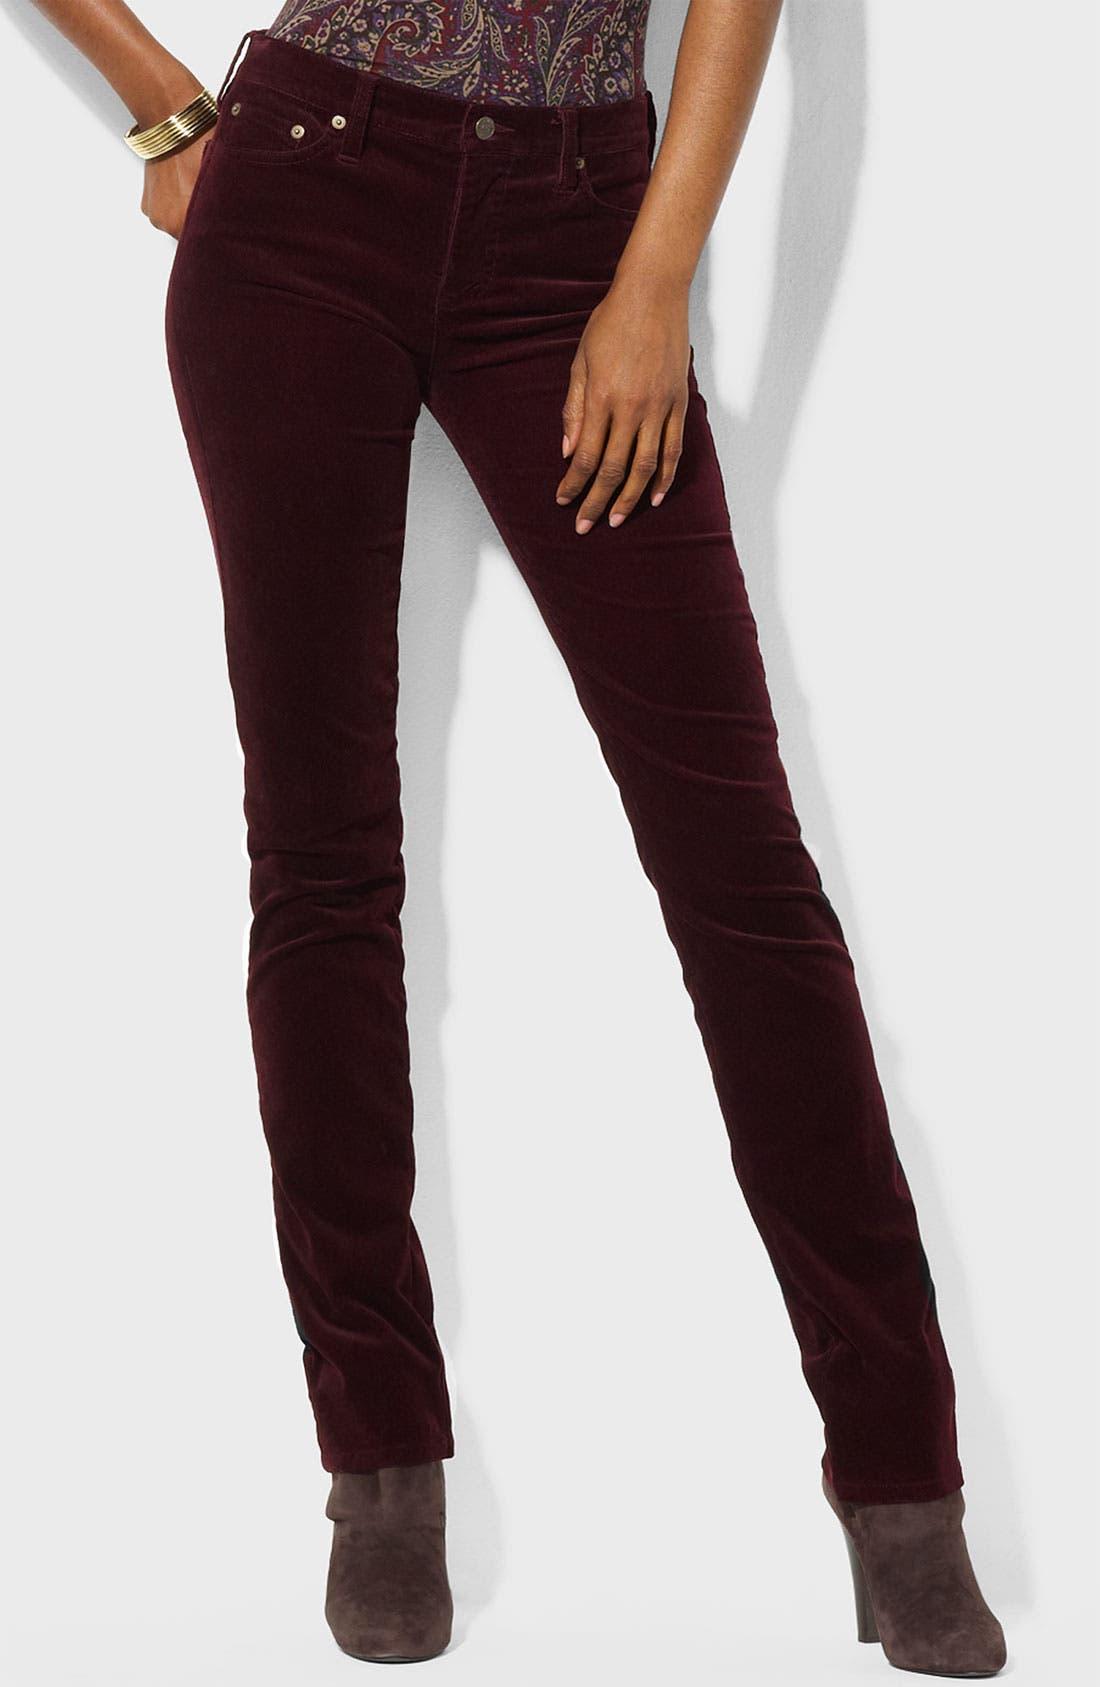 Main Image - Lauren Ralph Lauren Straight Leg Corduroy Pants (Petite) (Online Exclusive)